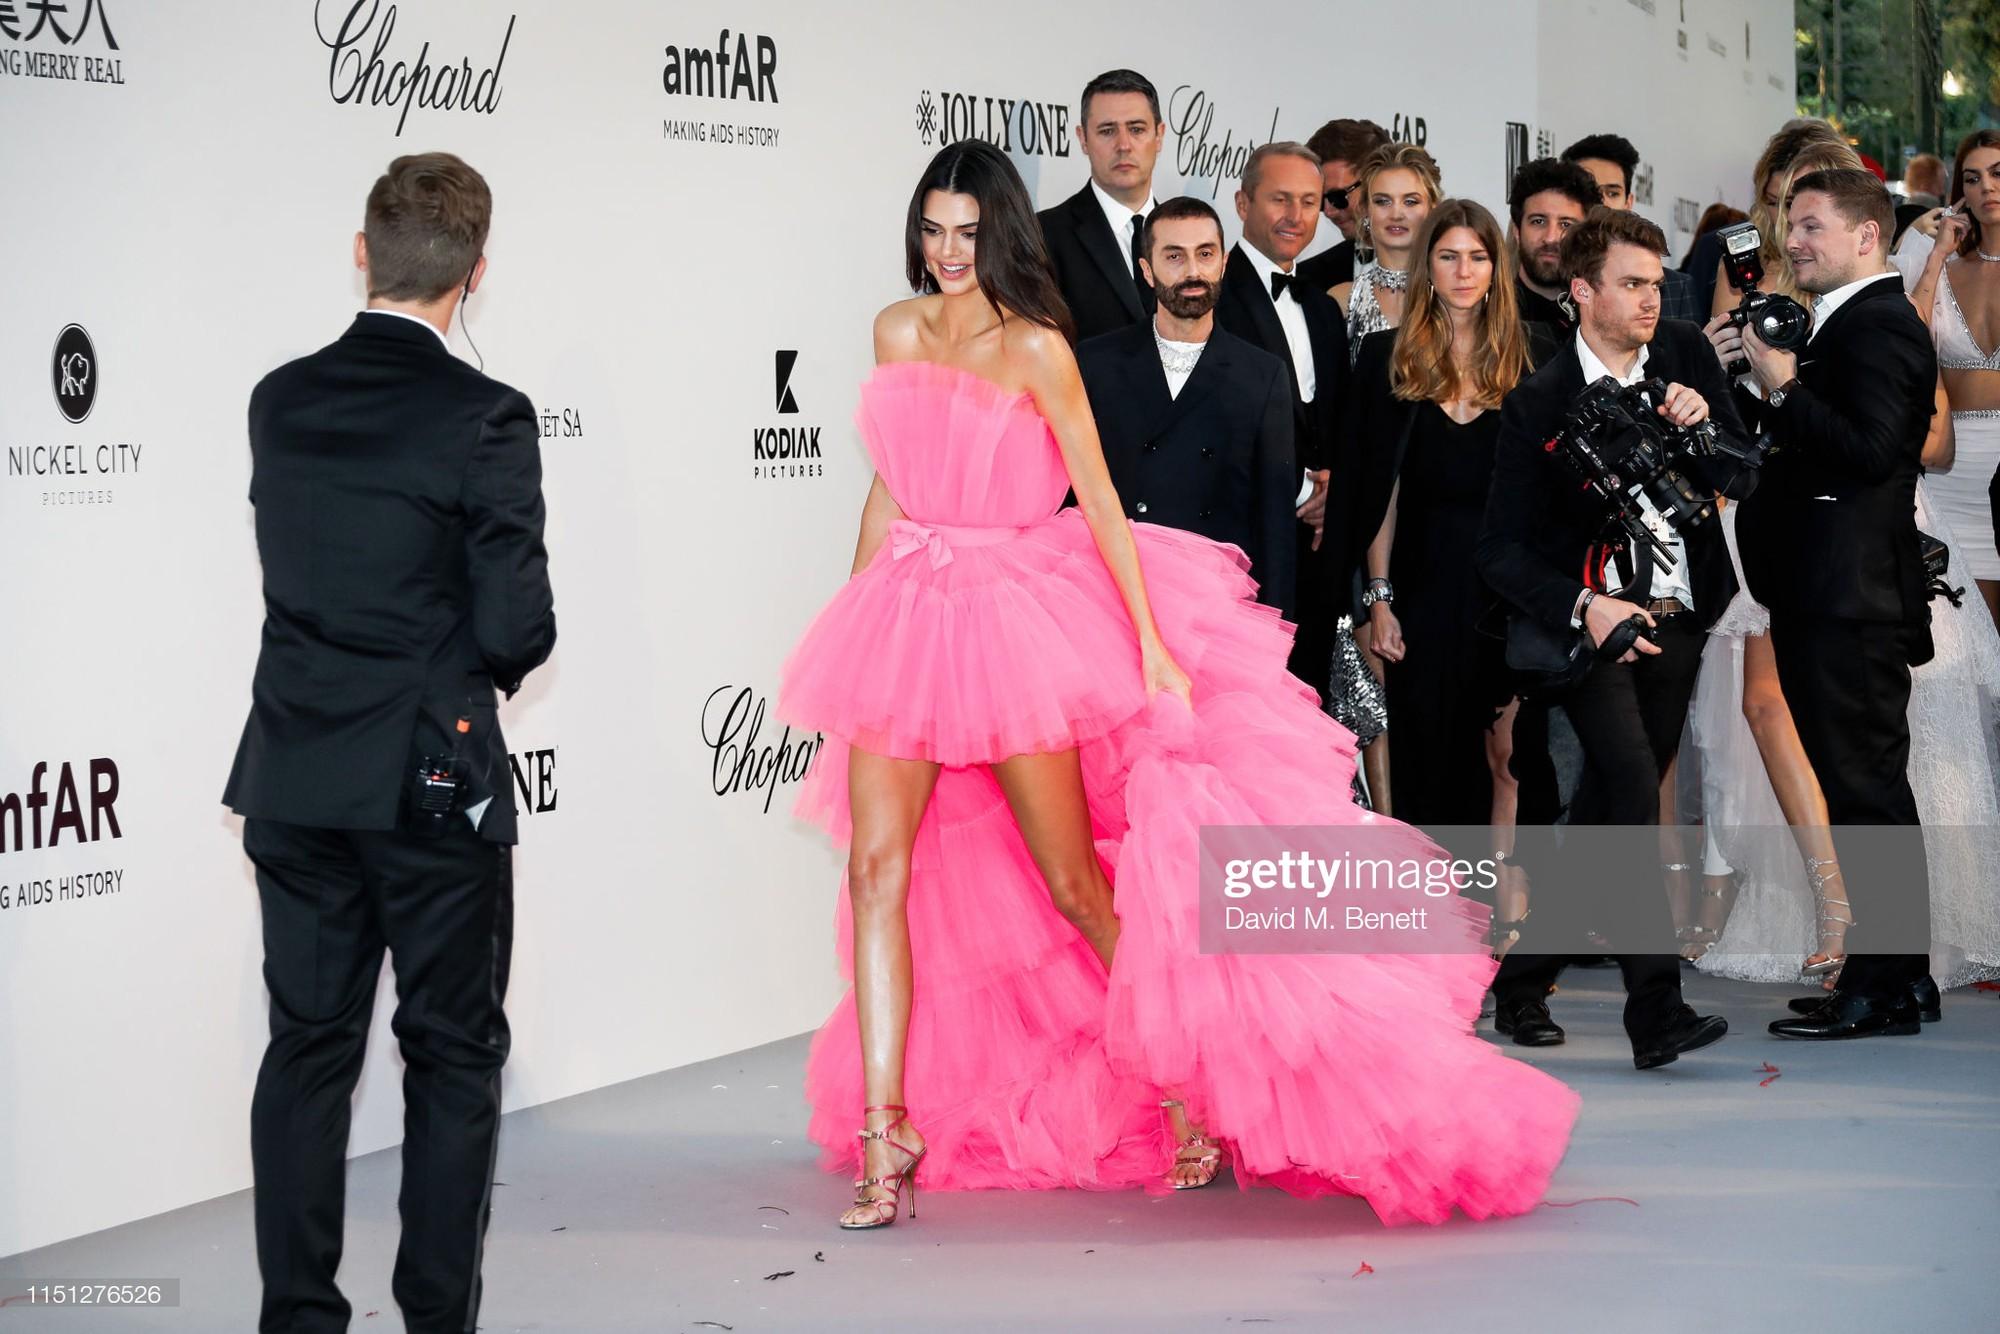 Hút hết mọi ánh nhìn và truyền thông - Mỹ nhân này mới chính xác là tâm điểm chú ý trên tại LHP Cannes 2019  - Ảnh 1.